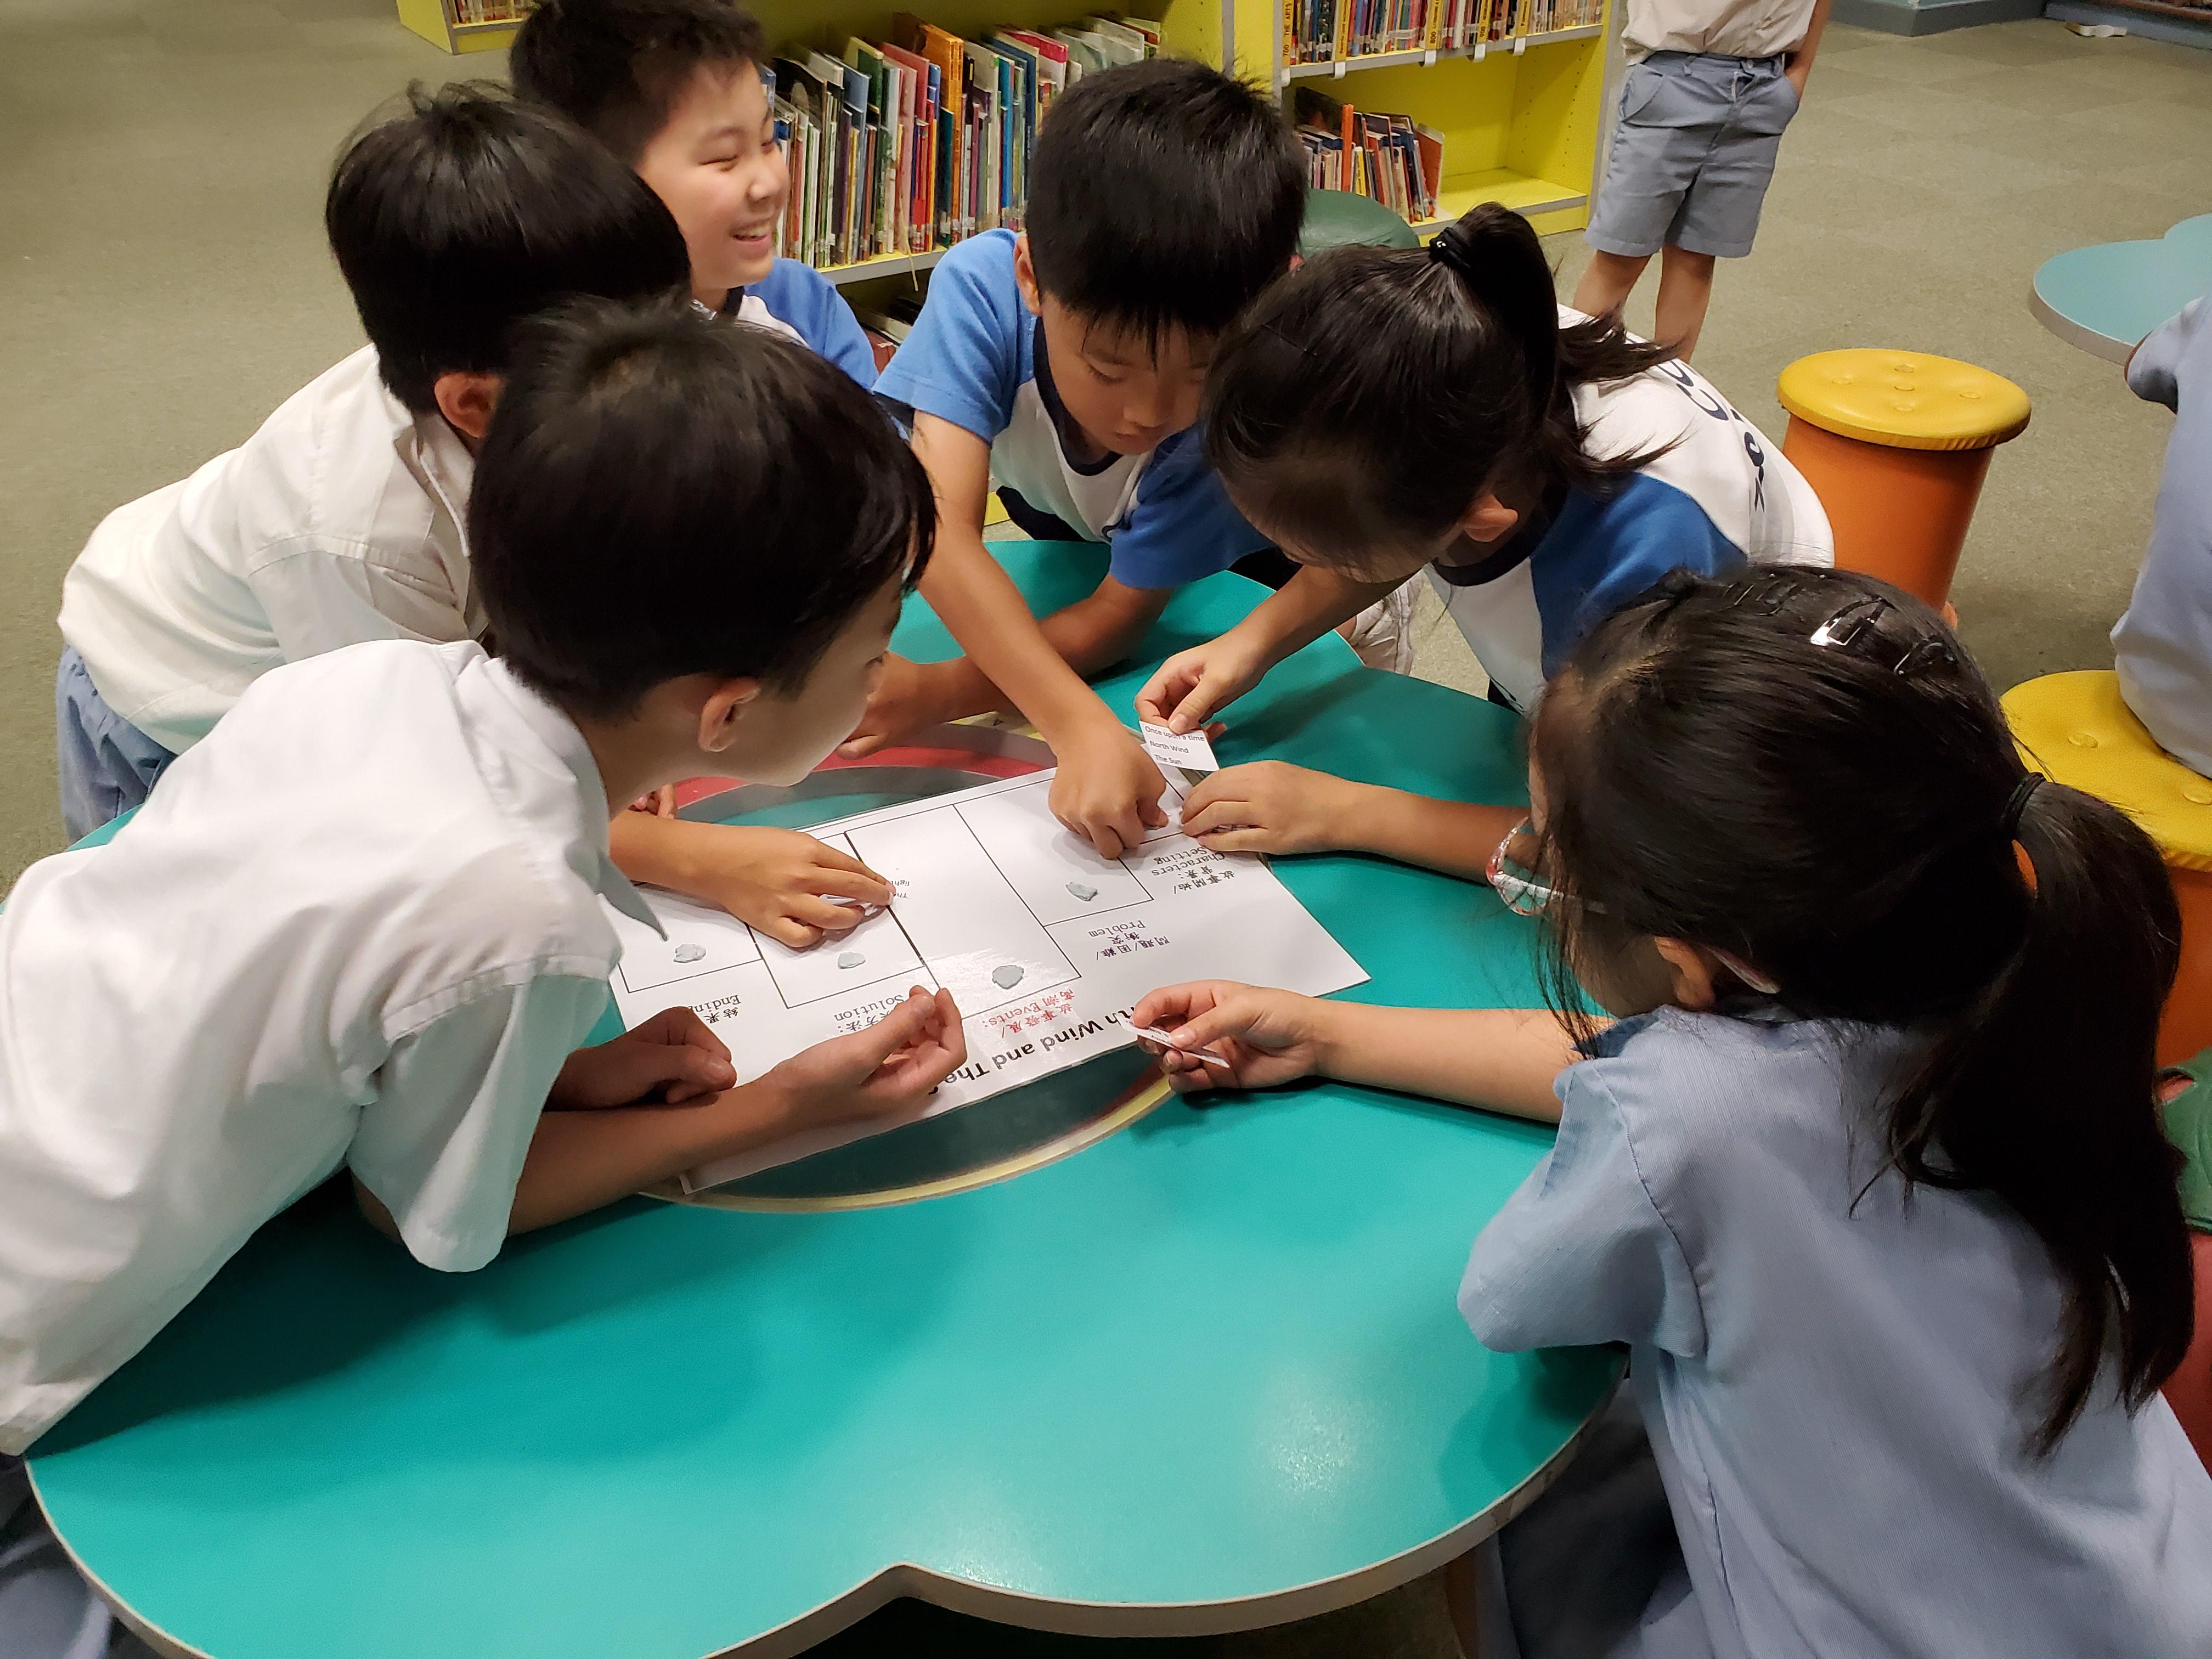 http://www.keiwan.edu.hk/sites/default/files/20191004_111416.jpg